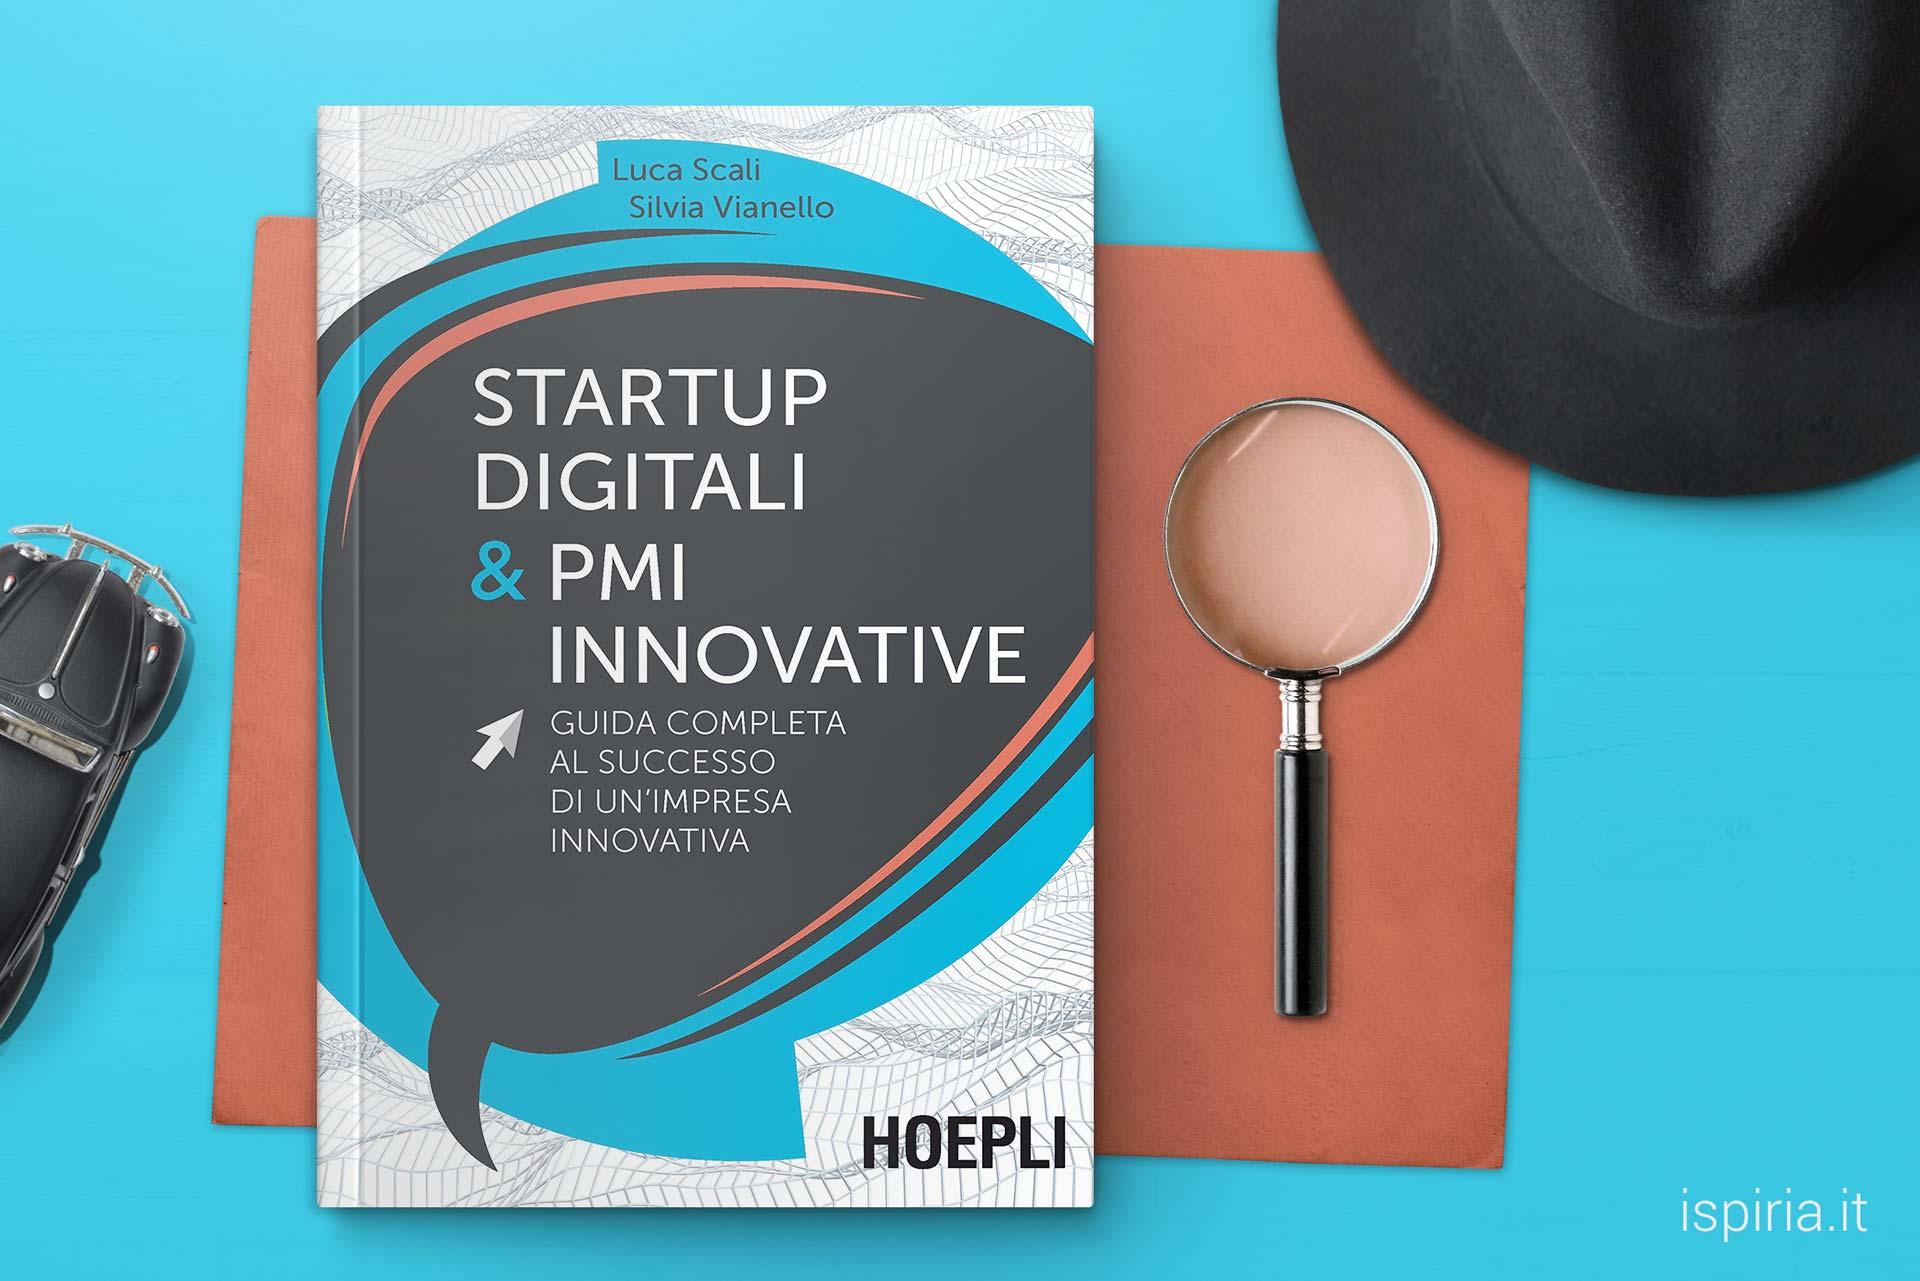 Migliori-libri-startup-digitali-pmi-luca-scali-silvia-vianello